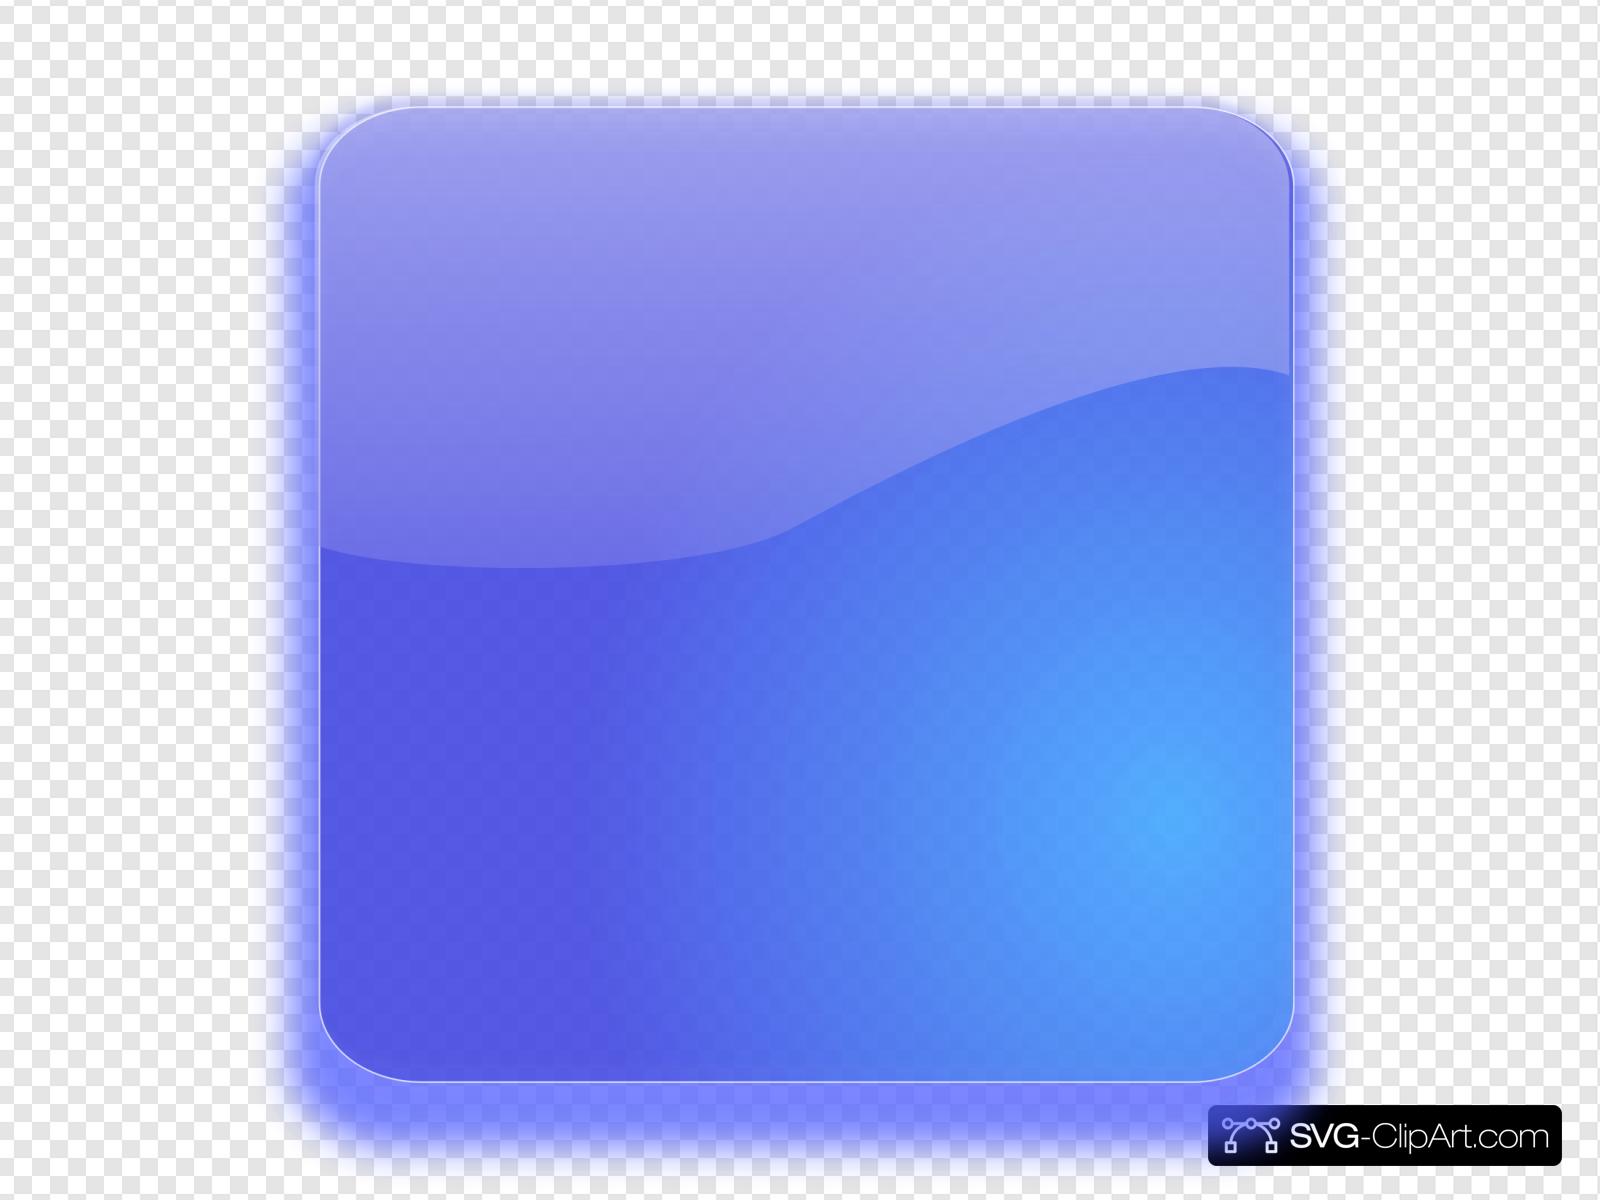 Blue Button No Bg Clip art, Icon and SVG.